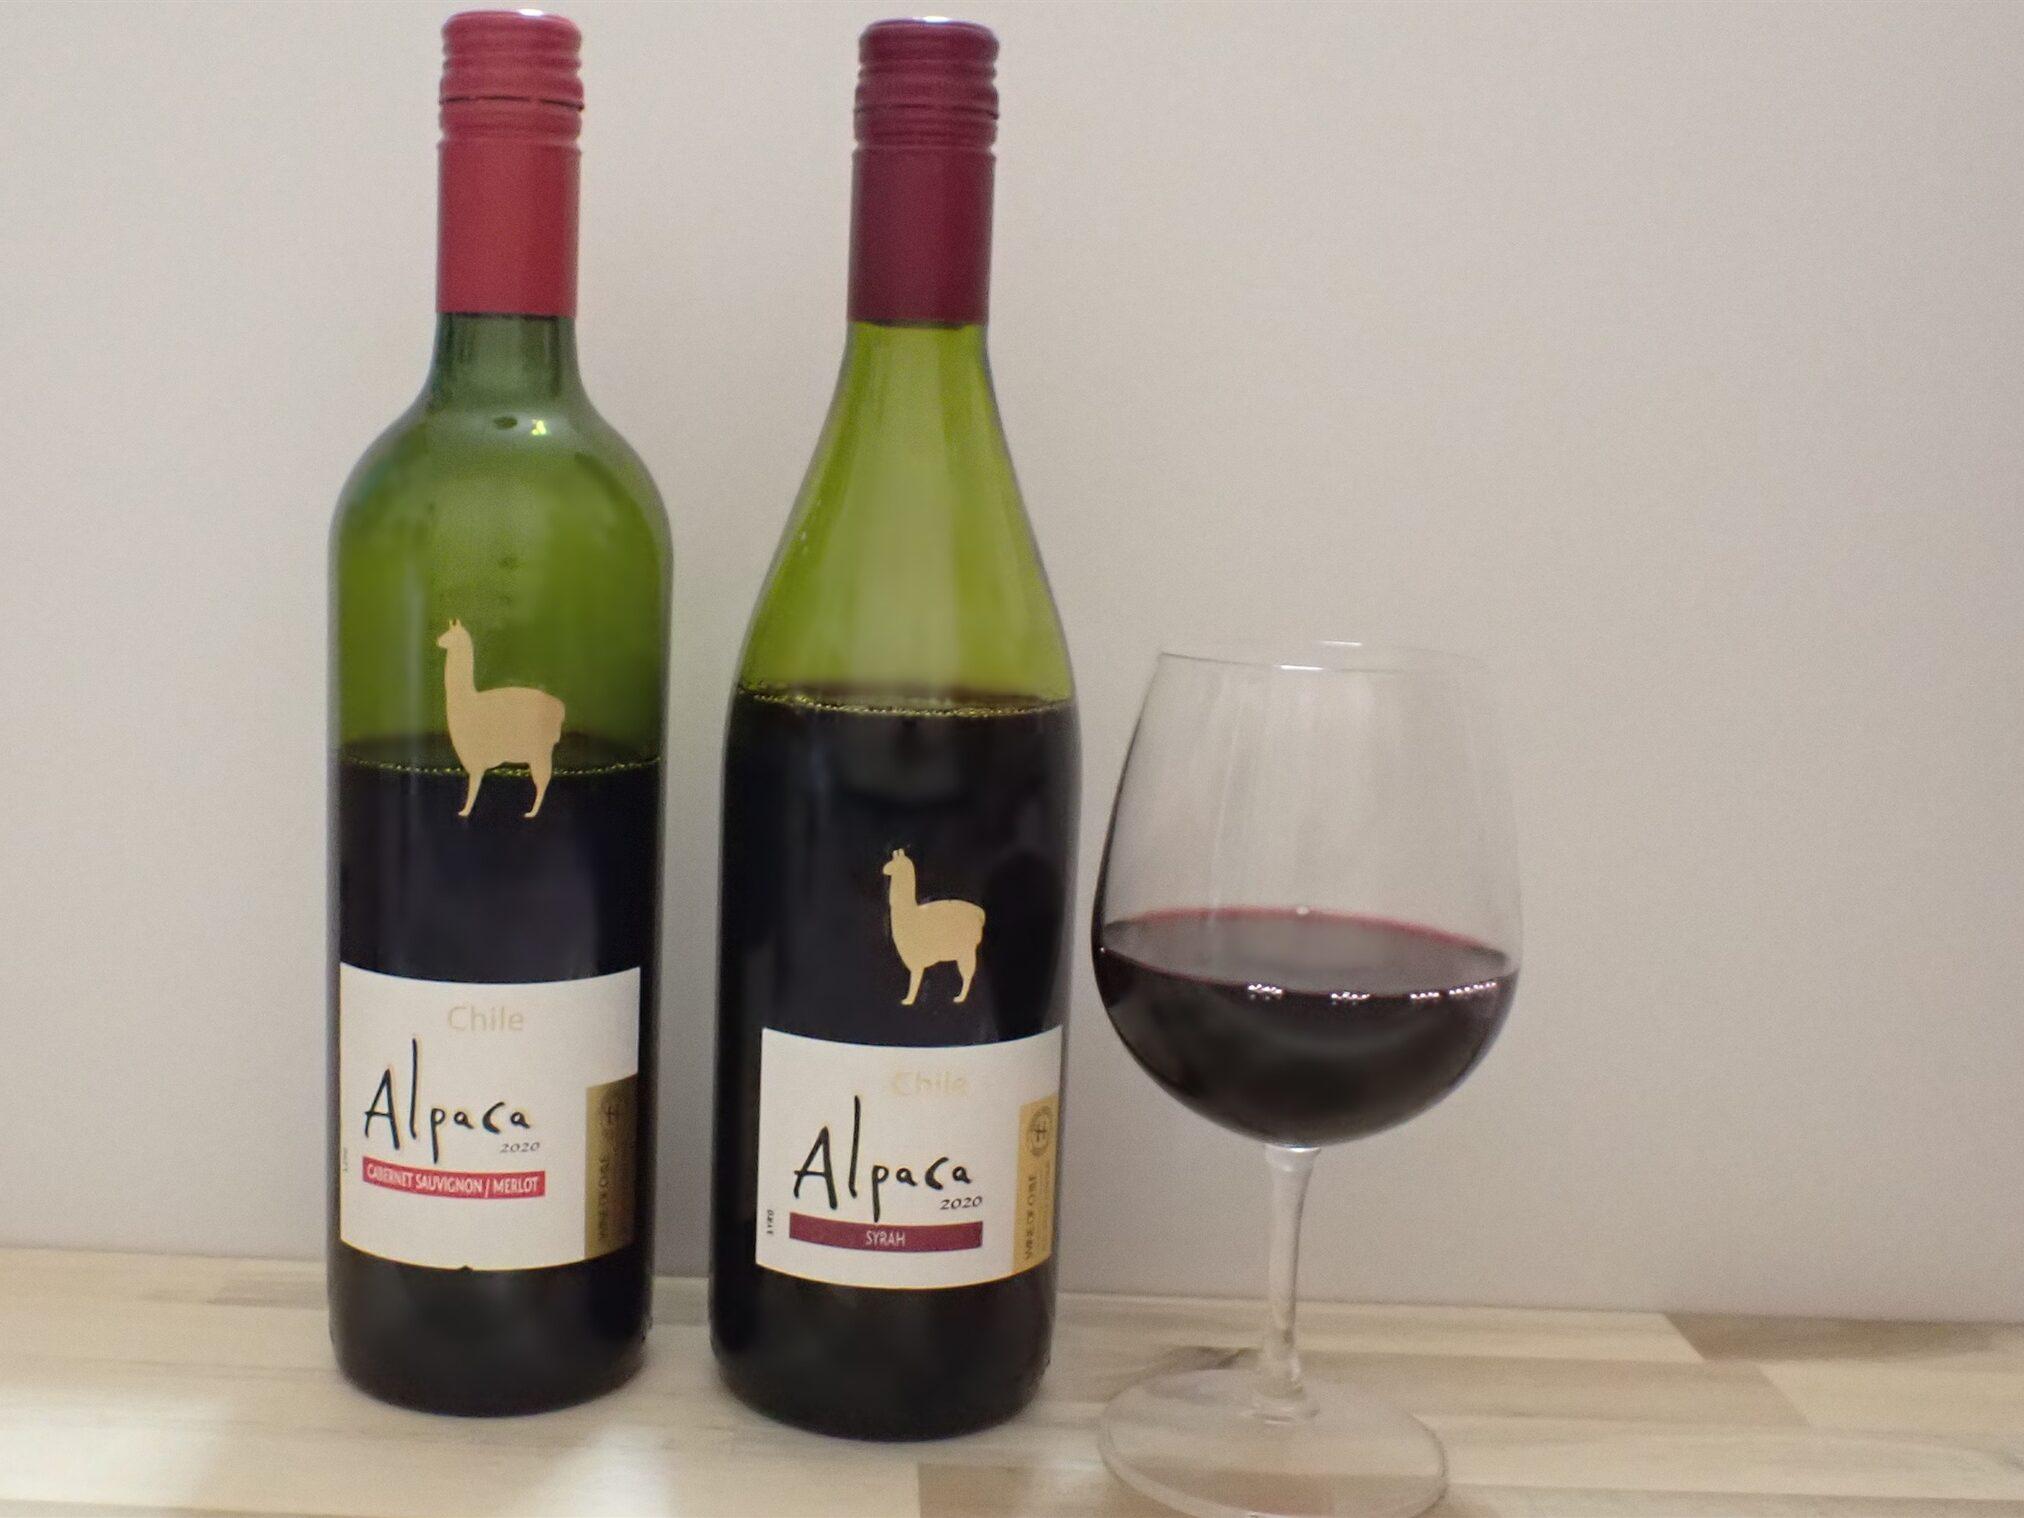 安くておいしいワイン 赤ワイン アルパカワイン サンタ・ヘレナ・アルパカ・シラー サンタ・ヘレナ・アルパカ・カベルネ・メルロー